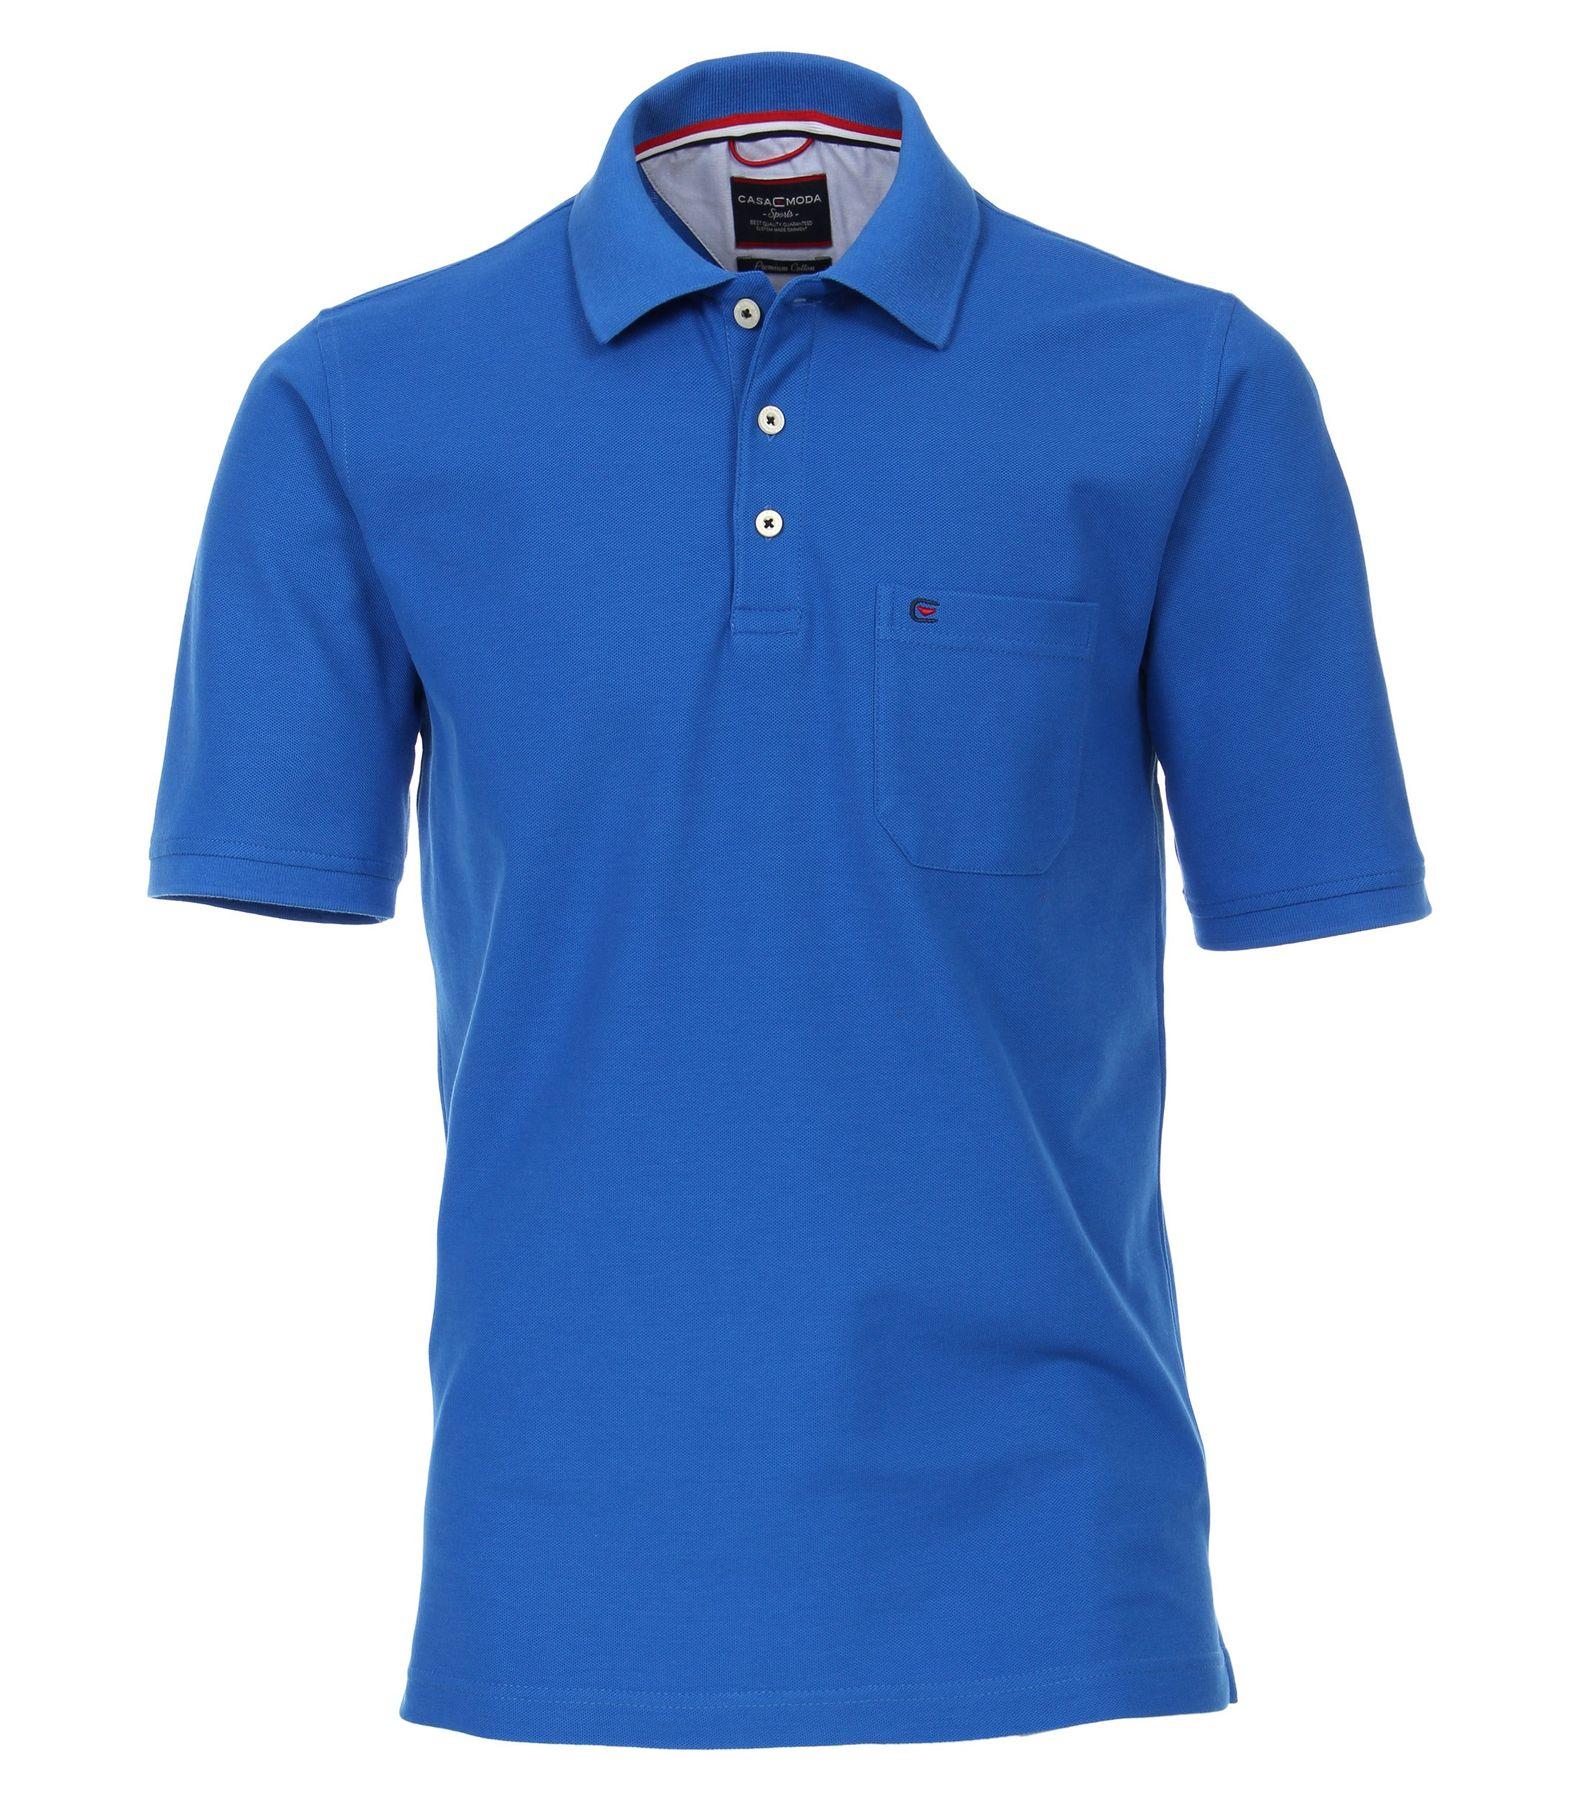 Casa Moda - Herren Polo Shirt mit Brusttasche in verschiedenen Farben S-6XL (004270) – Bild 6